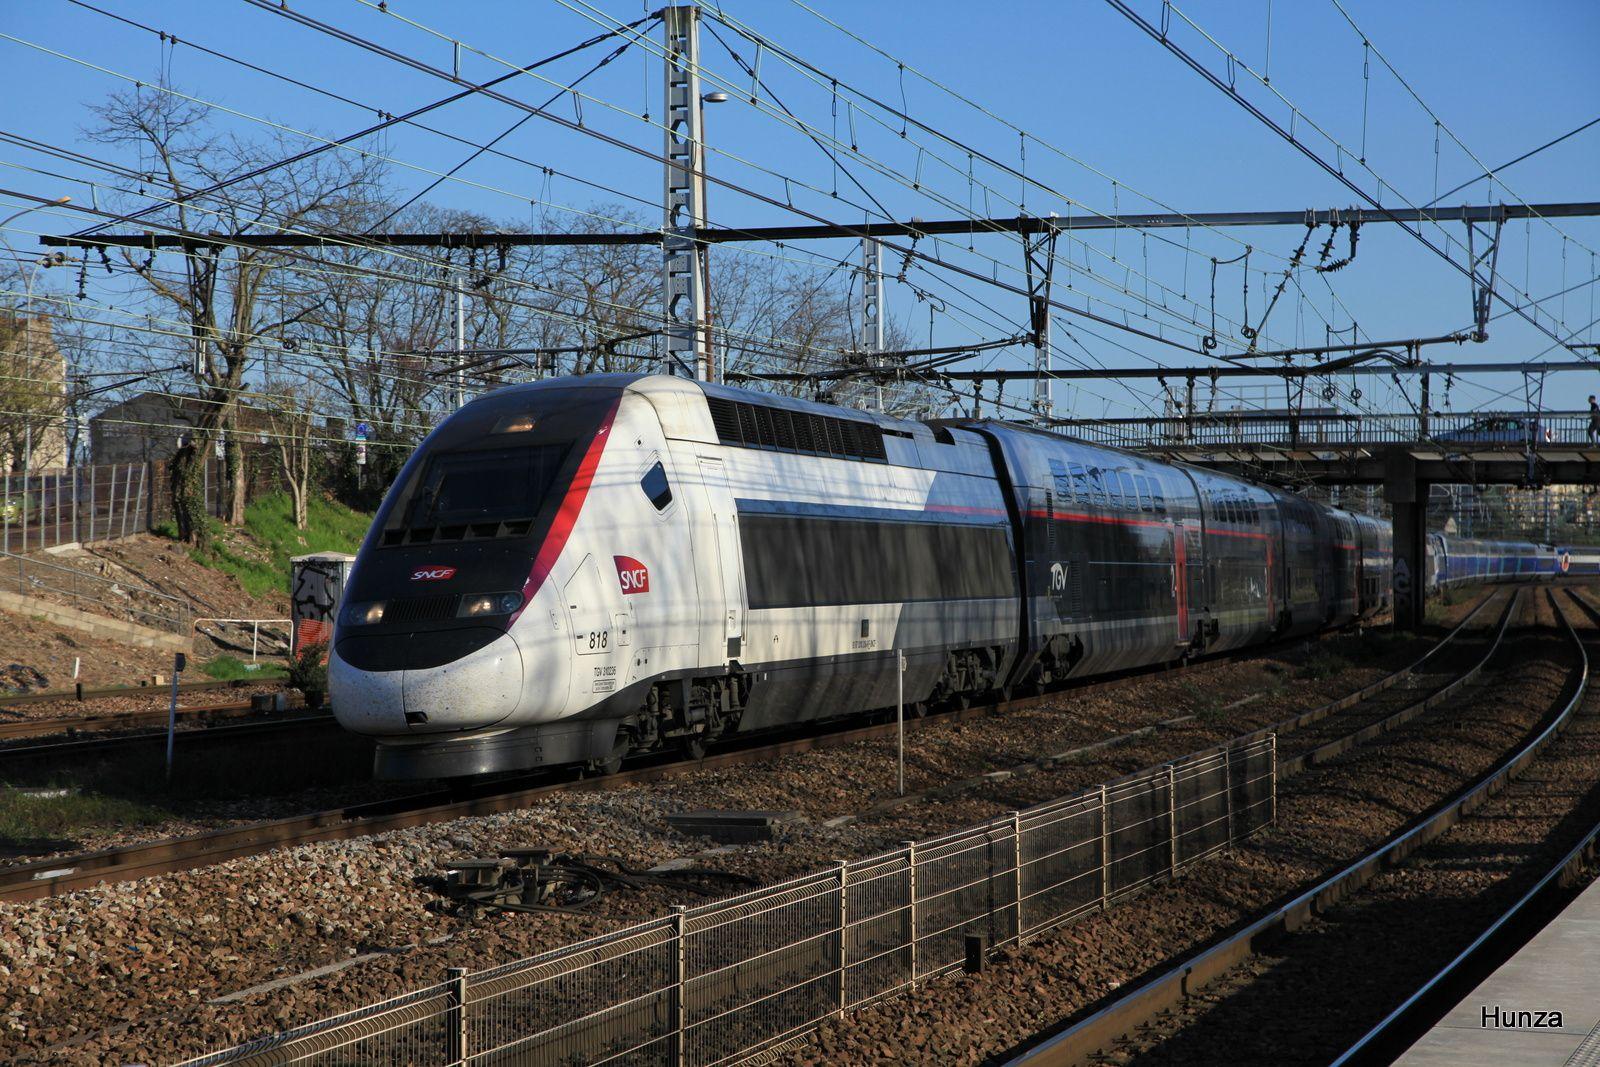 TGV n°6920 Grenoble - Paris à Maisons Alfort-Alfortville (10 avril 2016) - rame n°818 en livrée carmillon